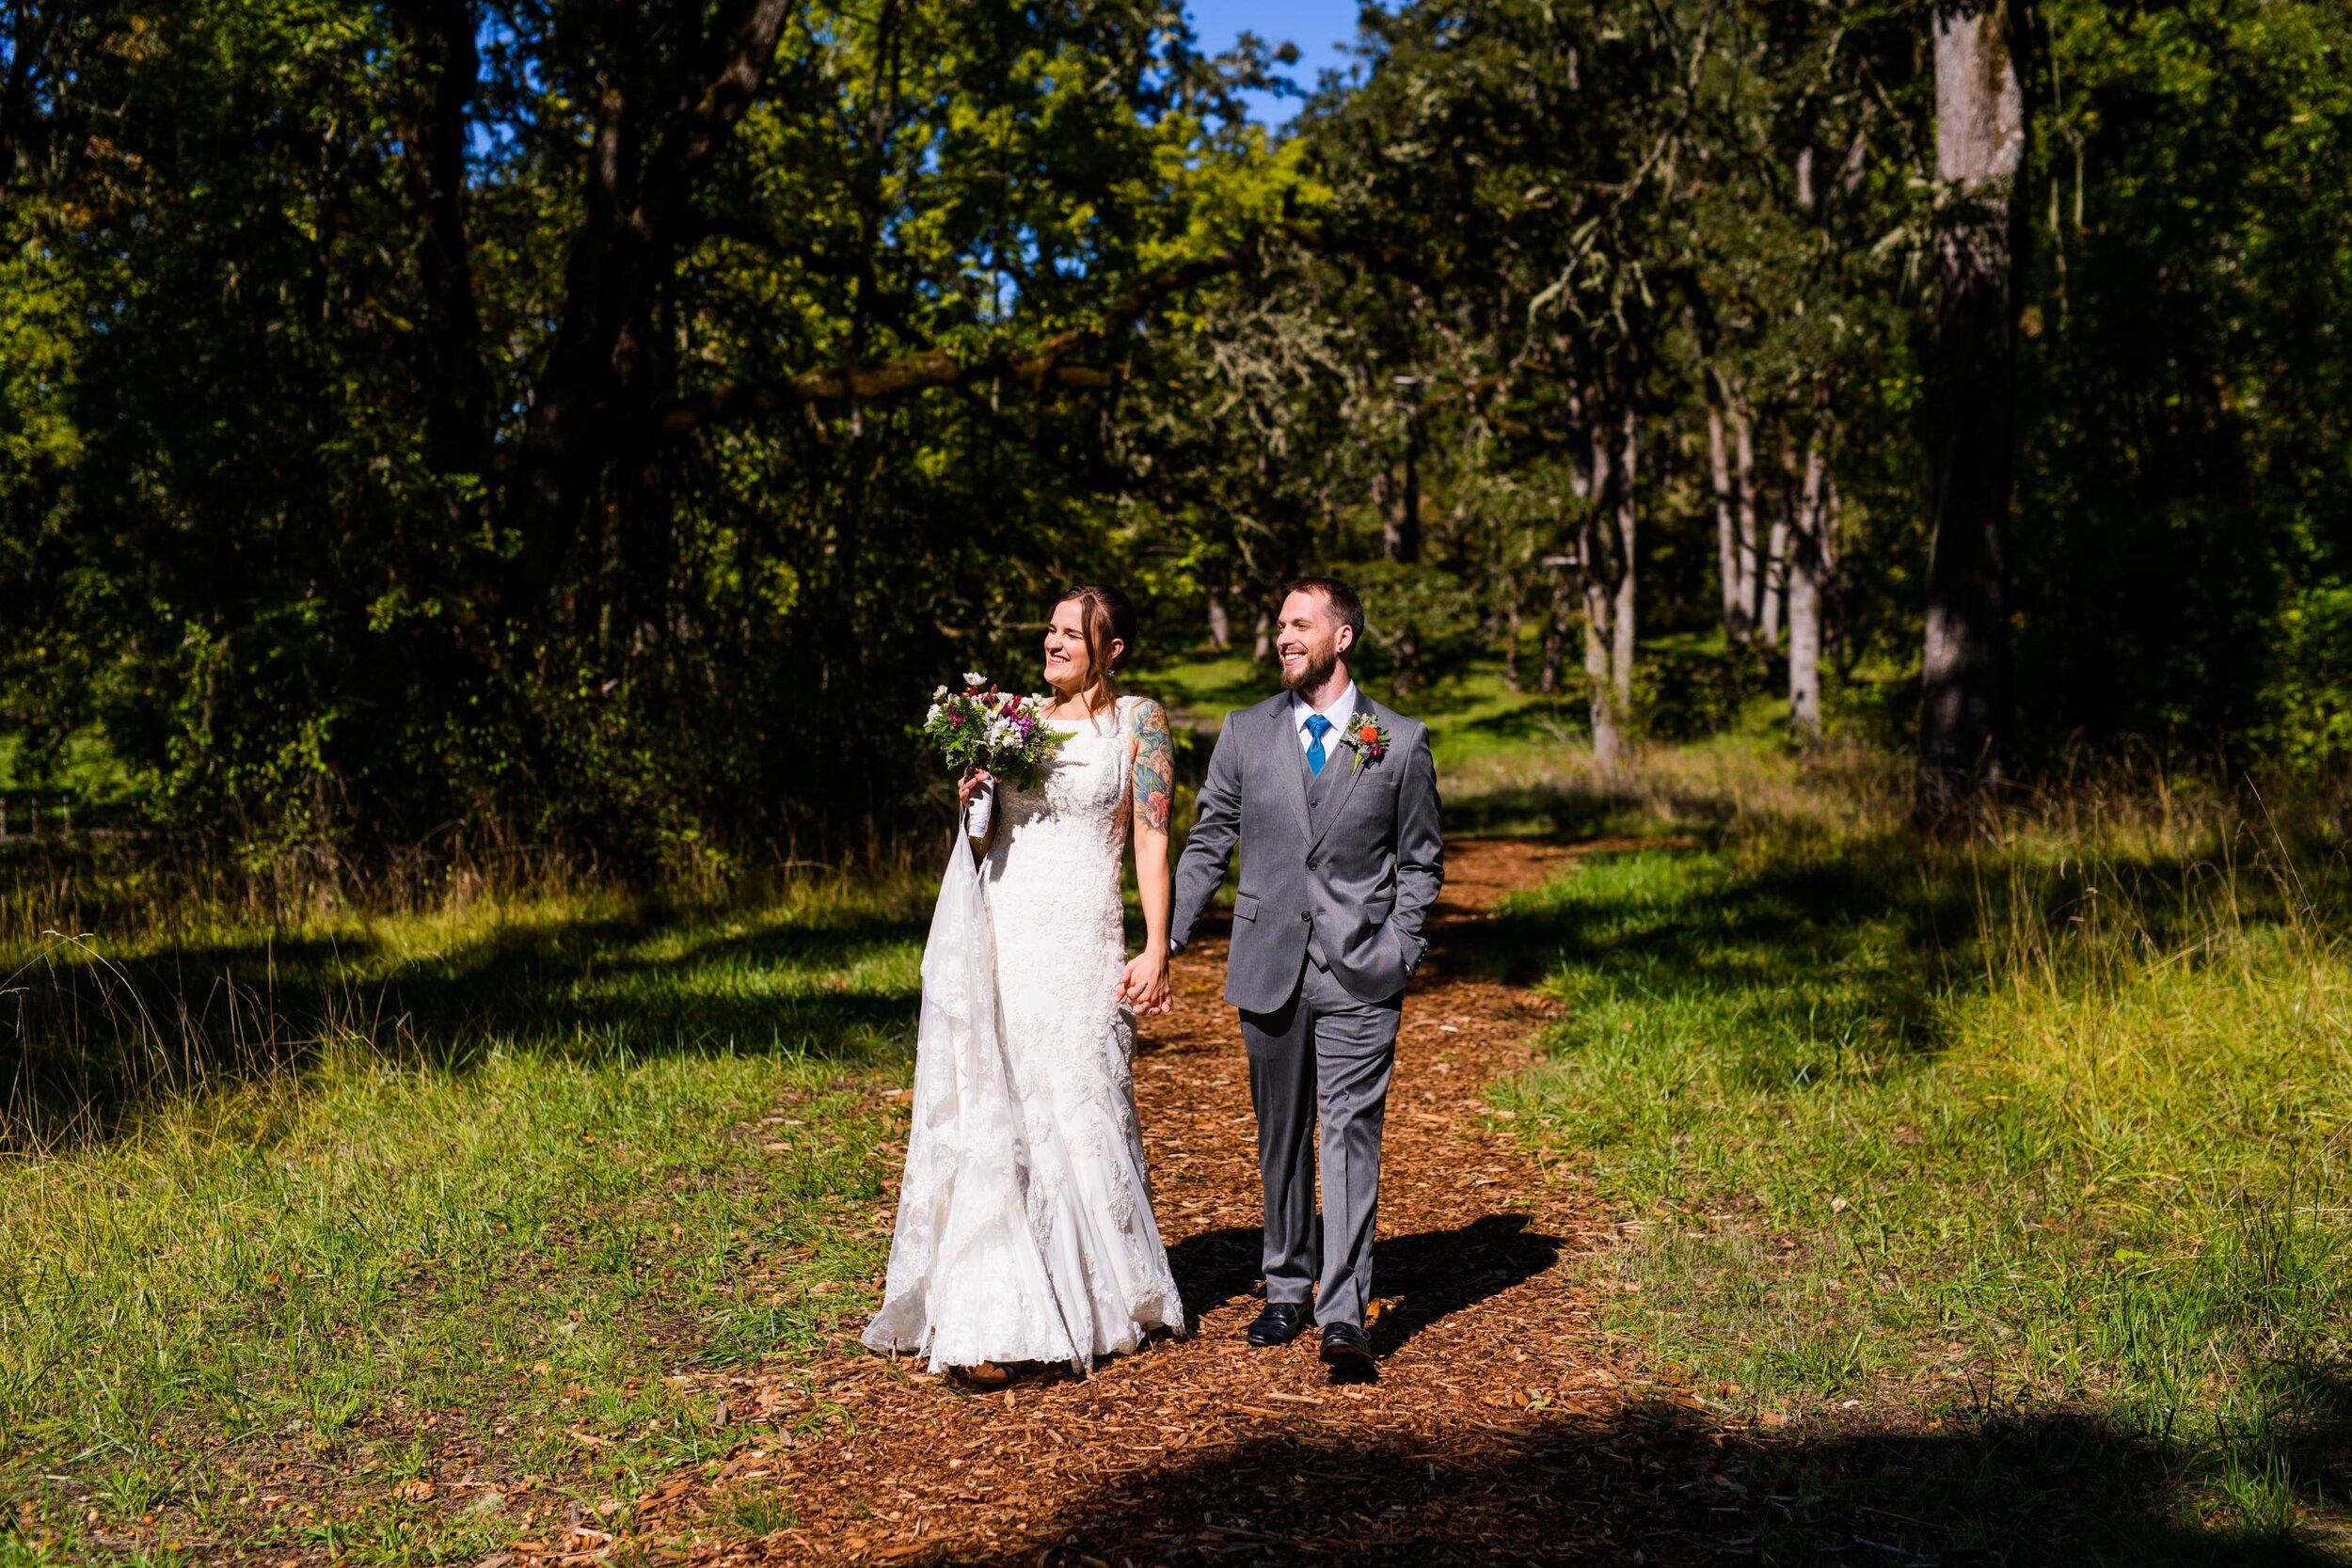 Mt. Pisgah Arboretum wedding photos 28.JPG